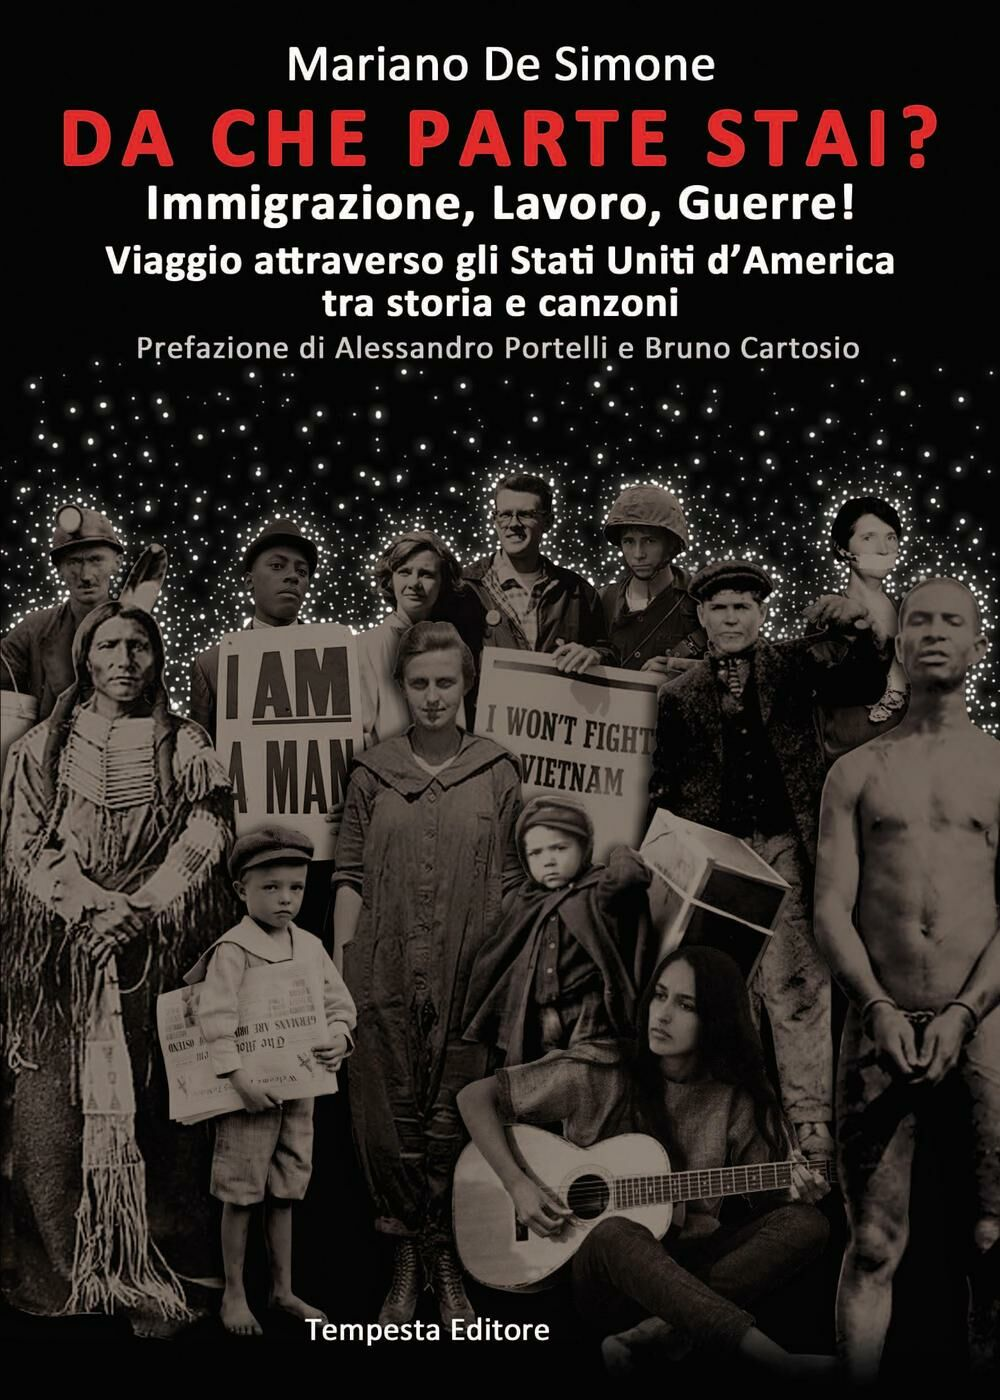 Da che parte stai? Immigrazione, lavoro, guerre! Viaggio attraverso gli Stati Uniti d'America tra storia e canzoni